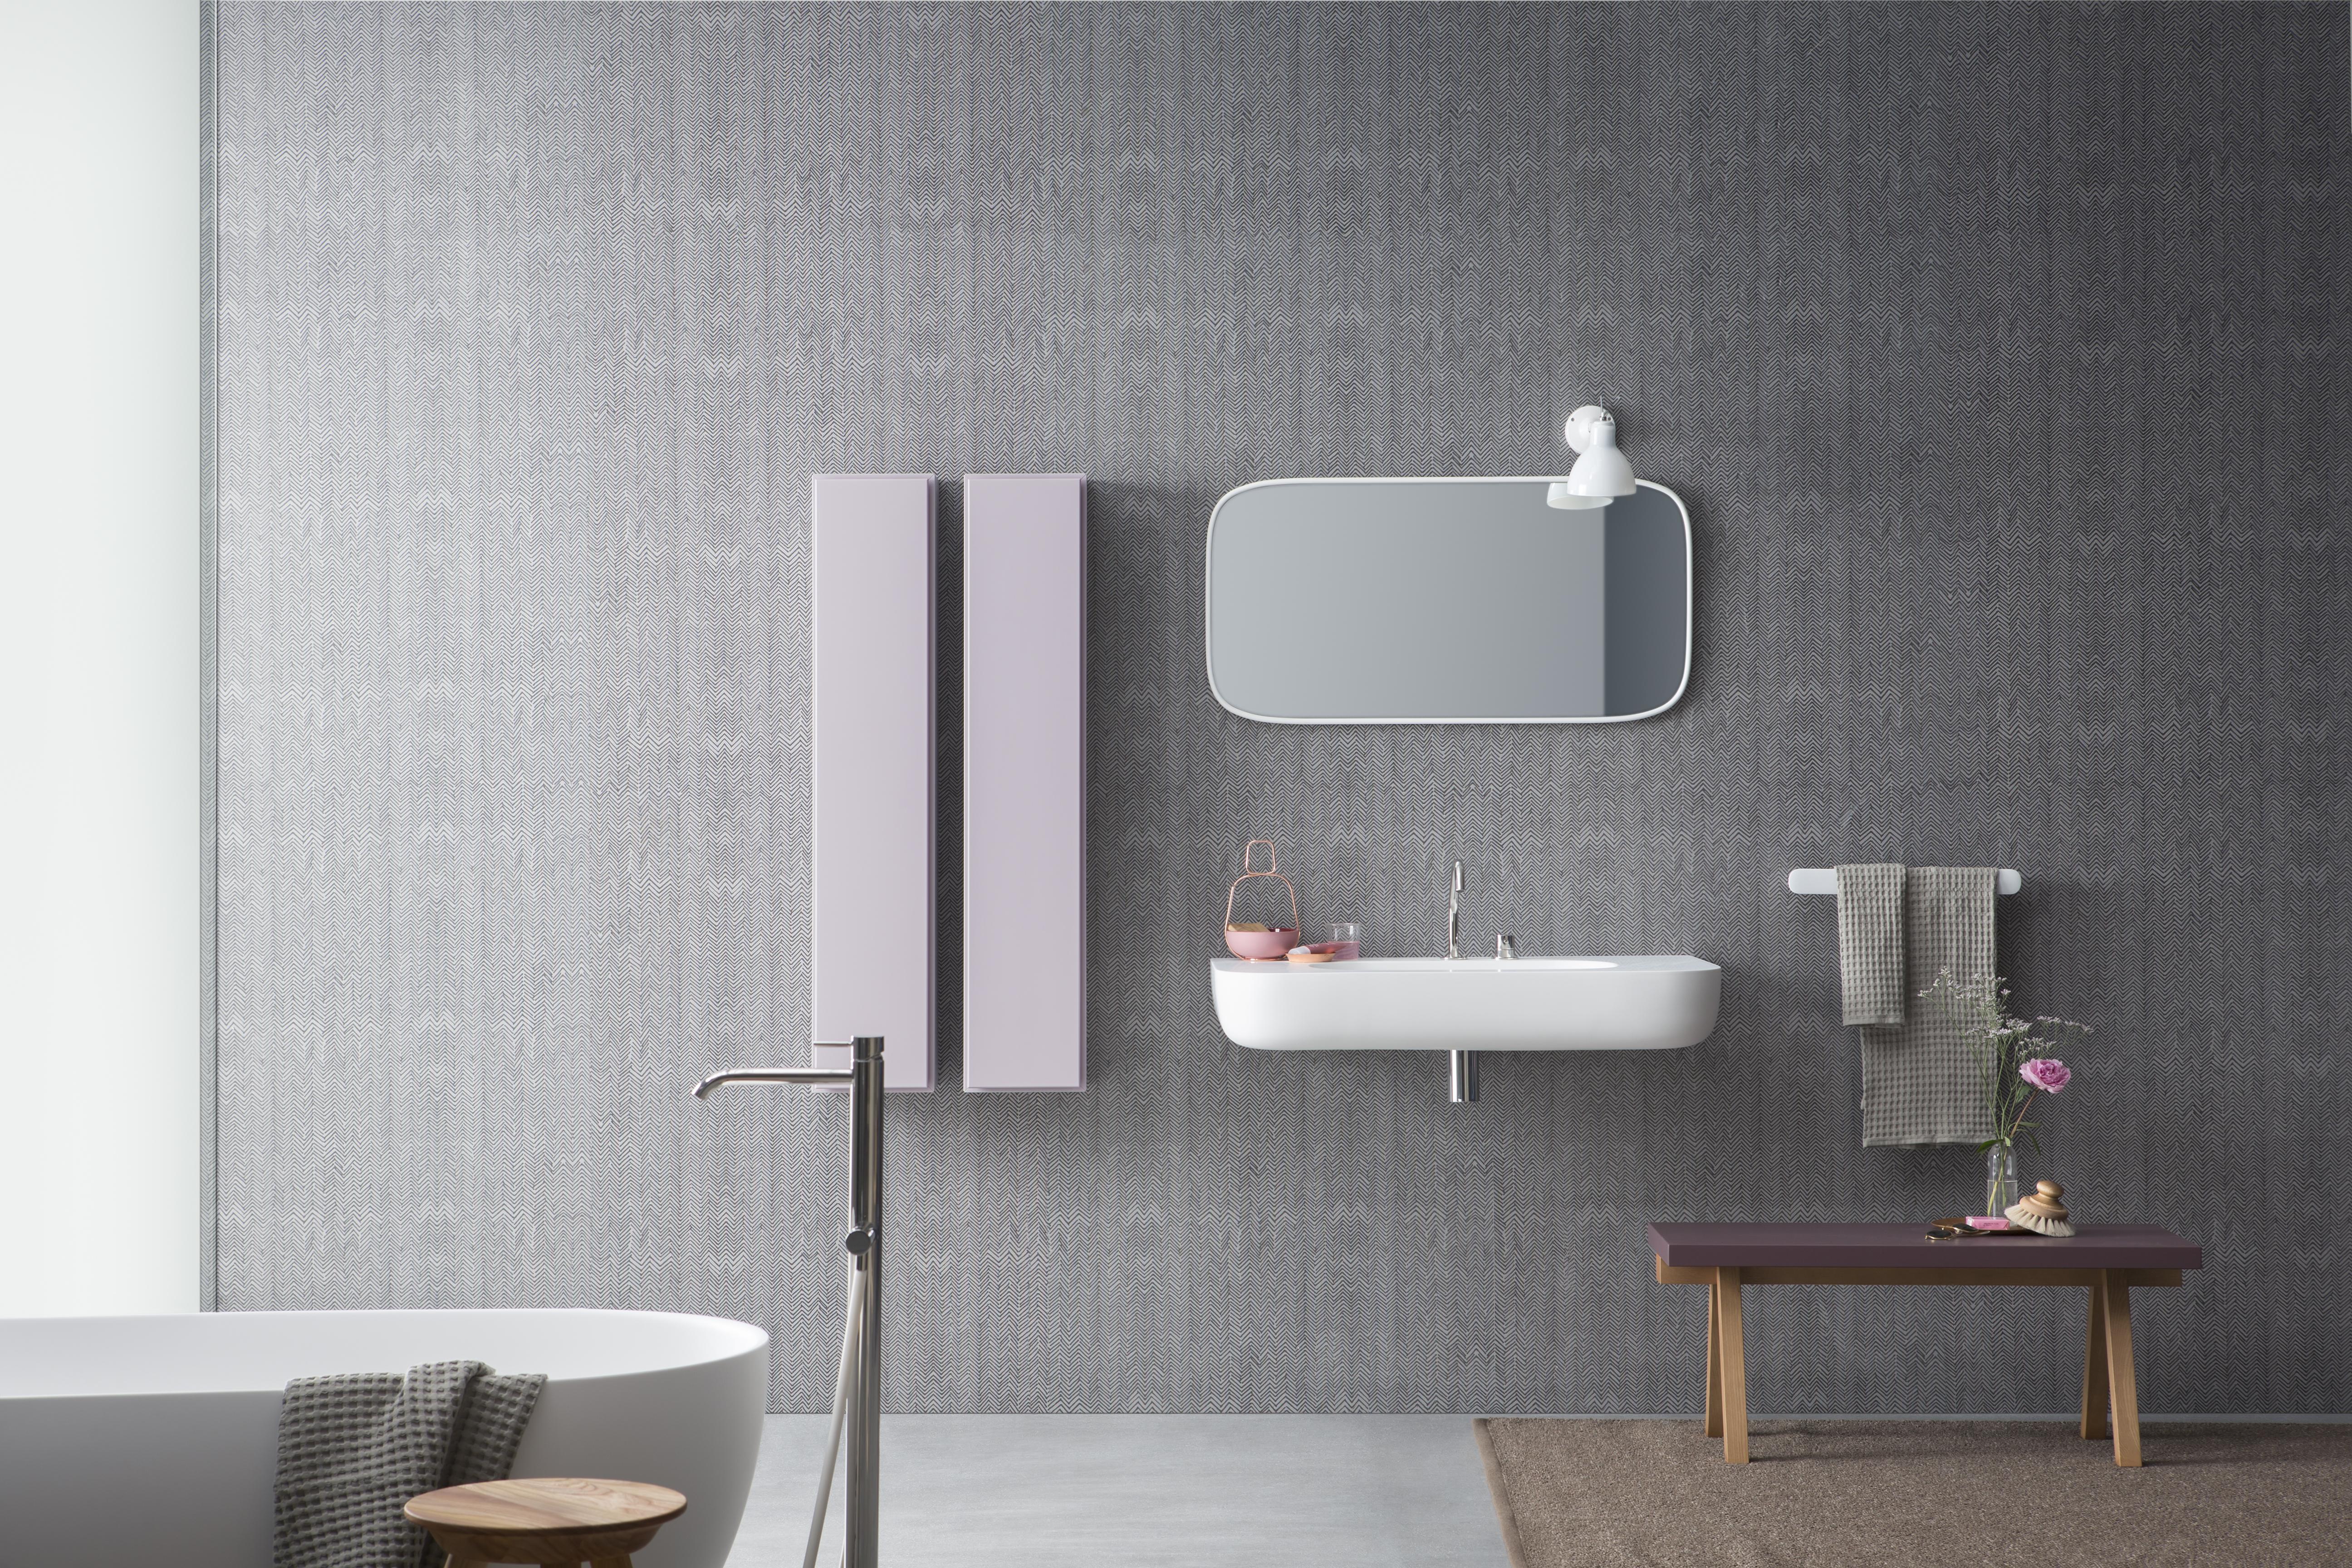 Sala Da Bagno Lusso : Rexa design nuove atmosfere nella stanza da bagno arredativo